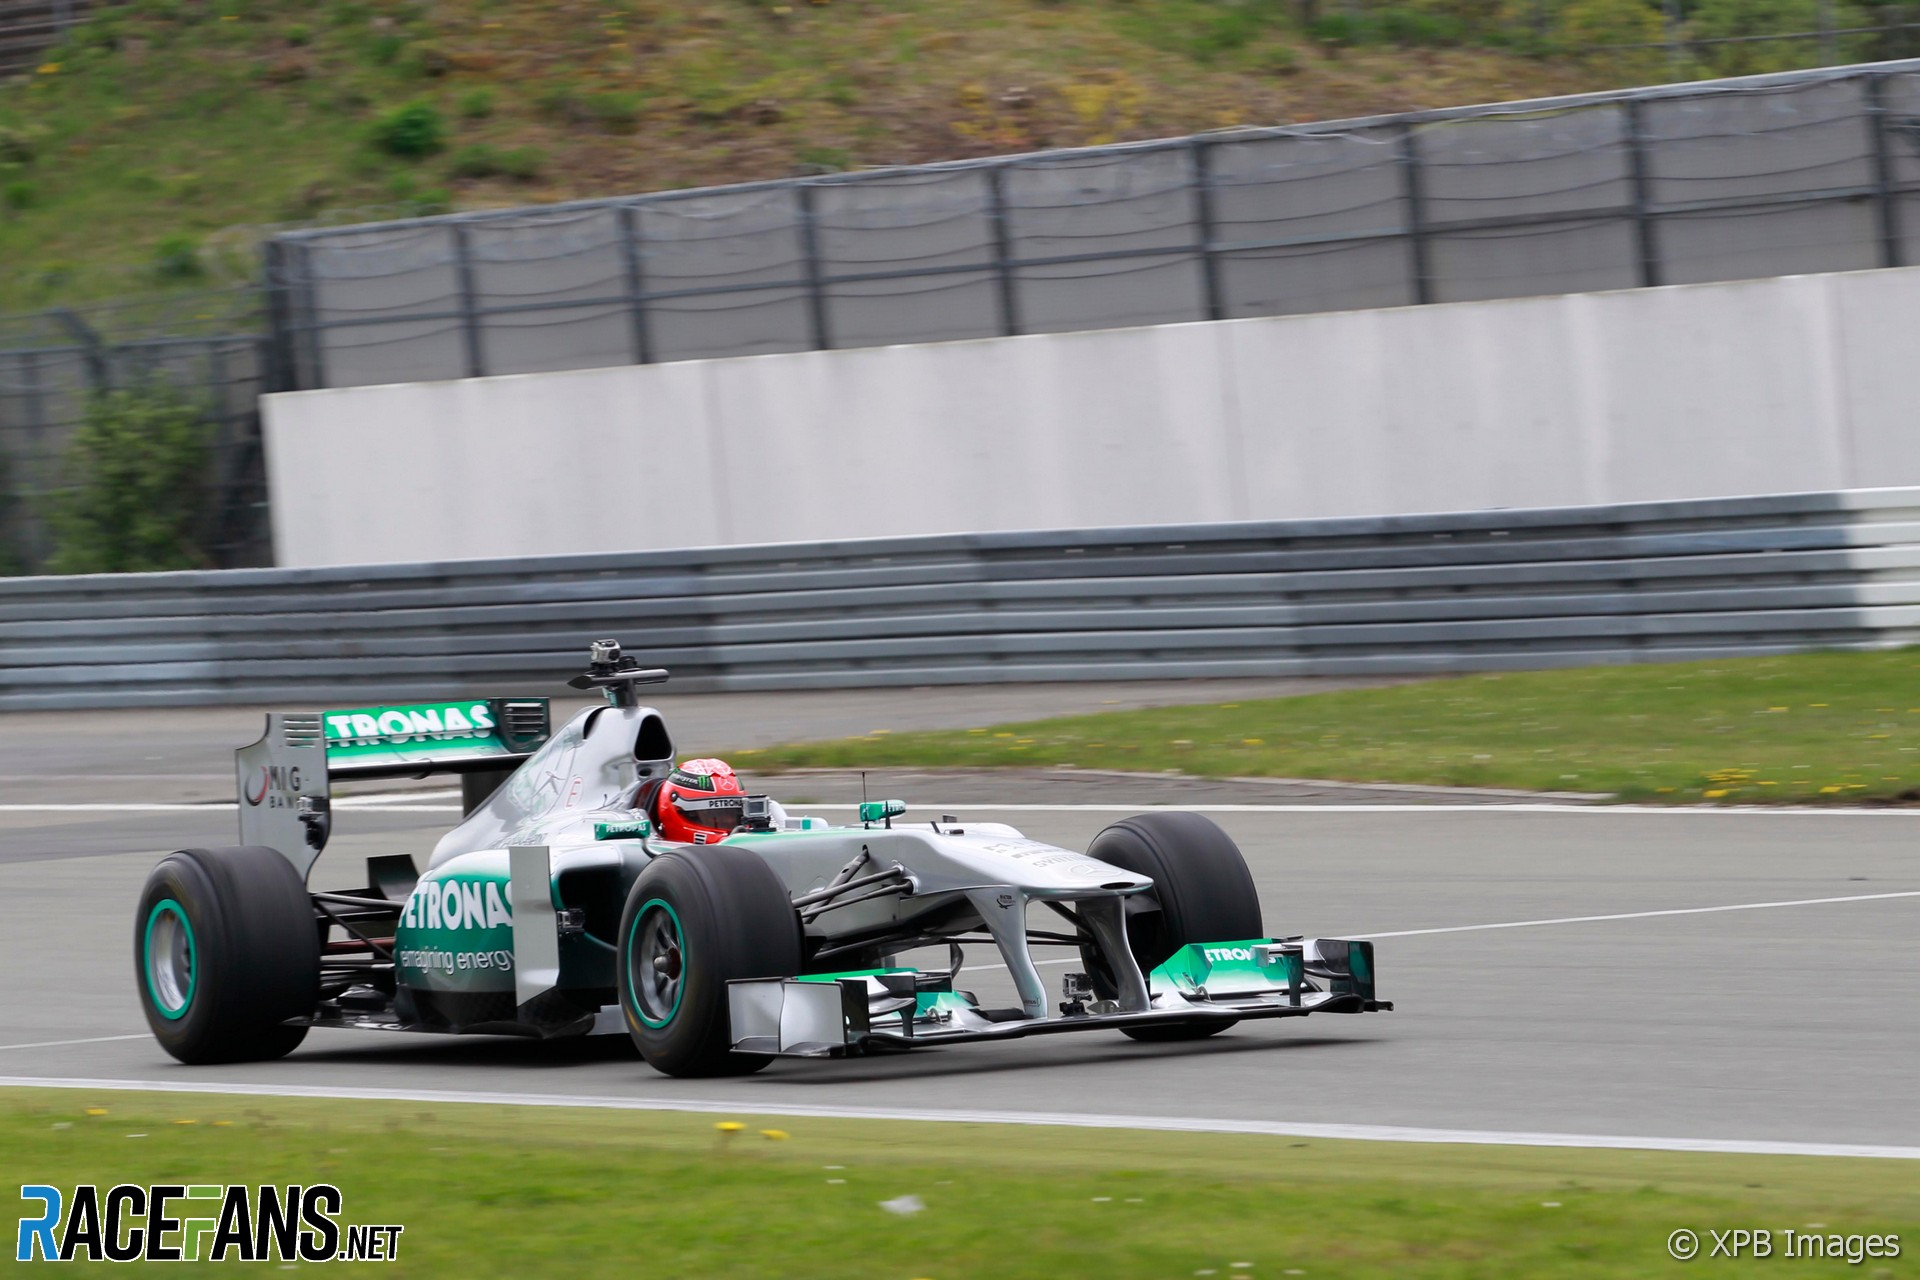 Michael Schumacher, Mercedes, Nurburgring Nordschleife, 2013